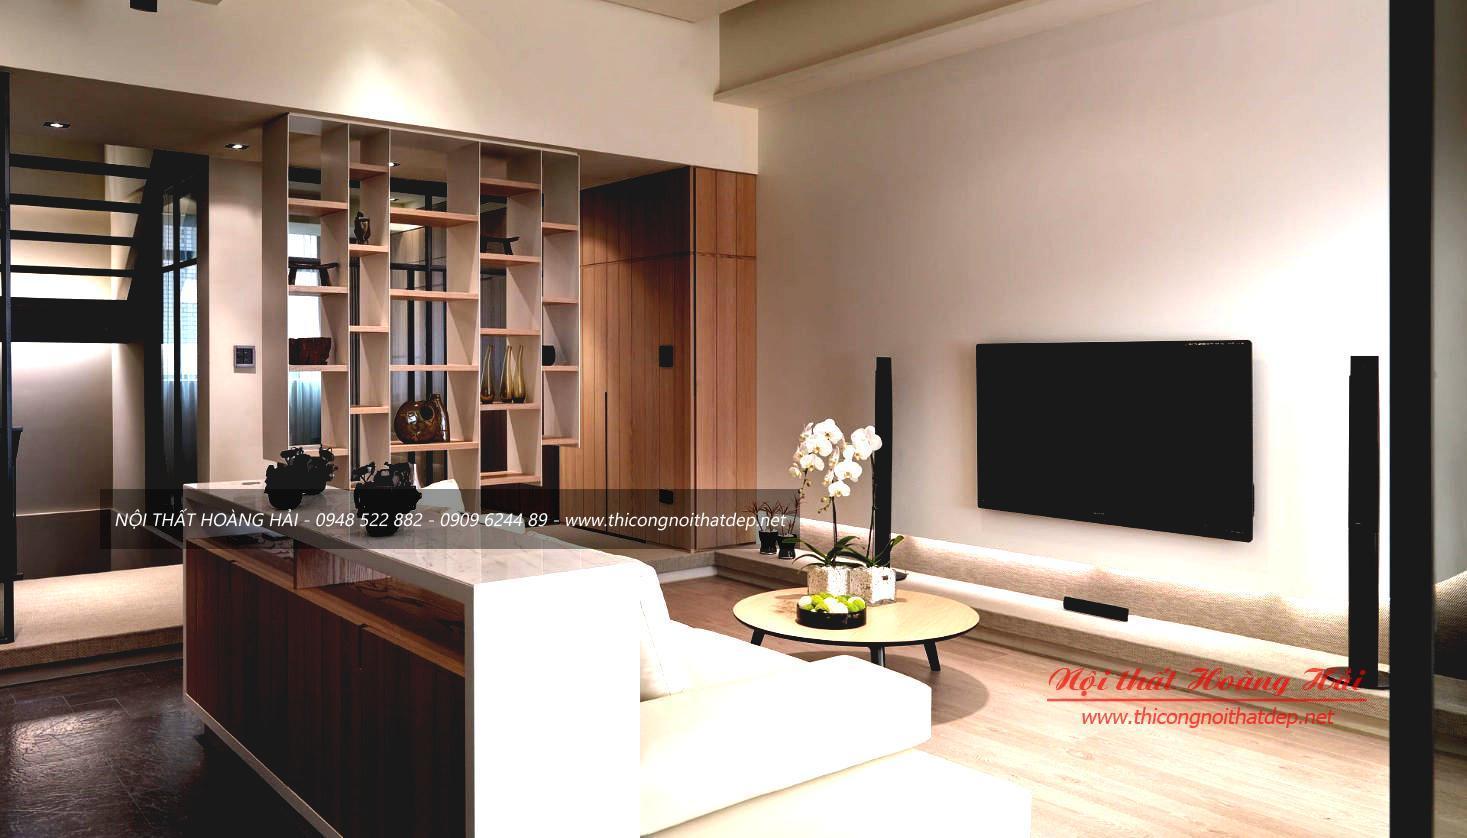 nội thất cho căn hộ chung cư